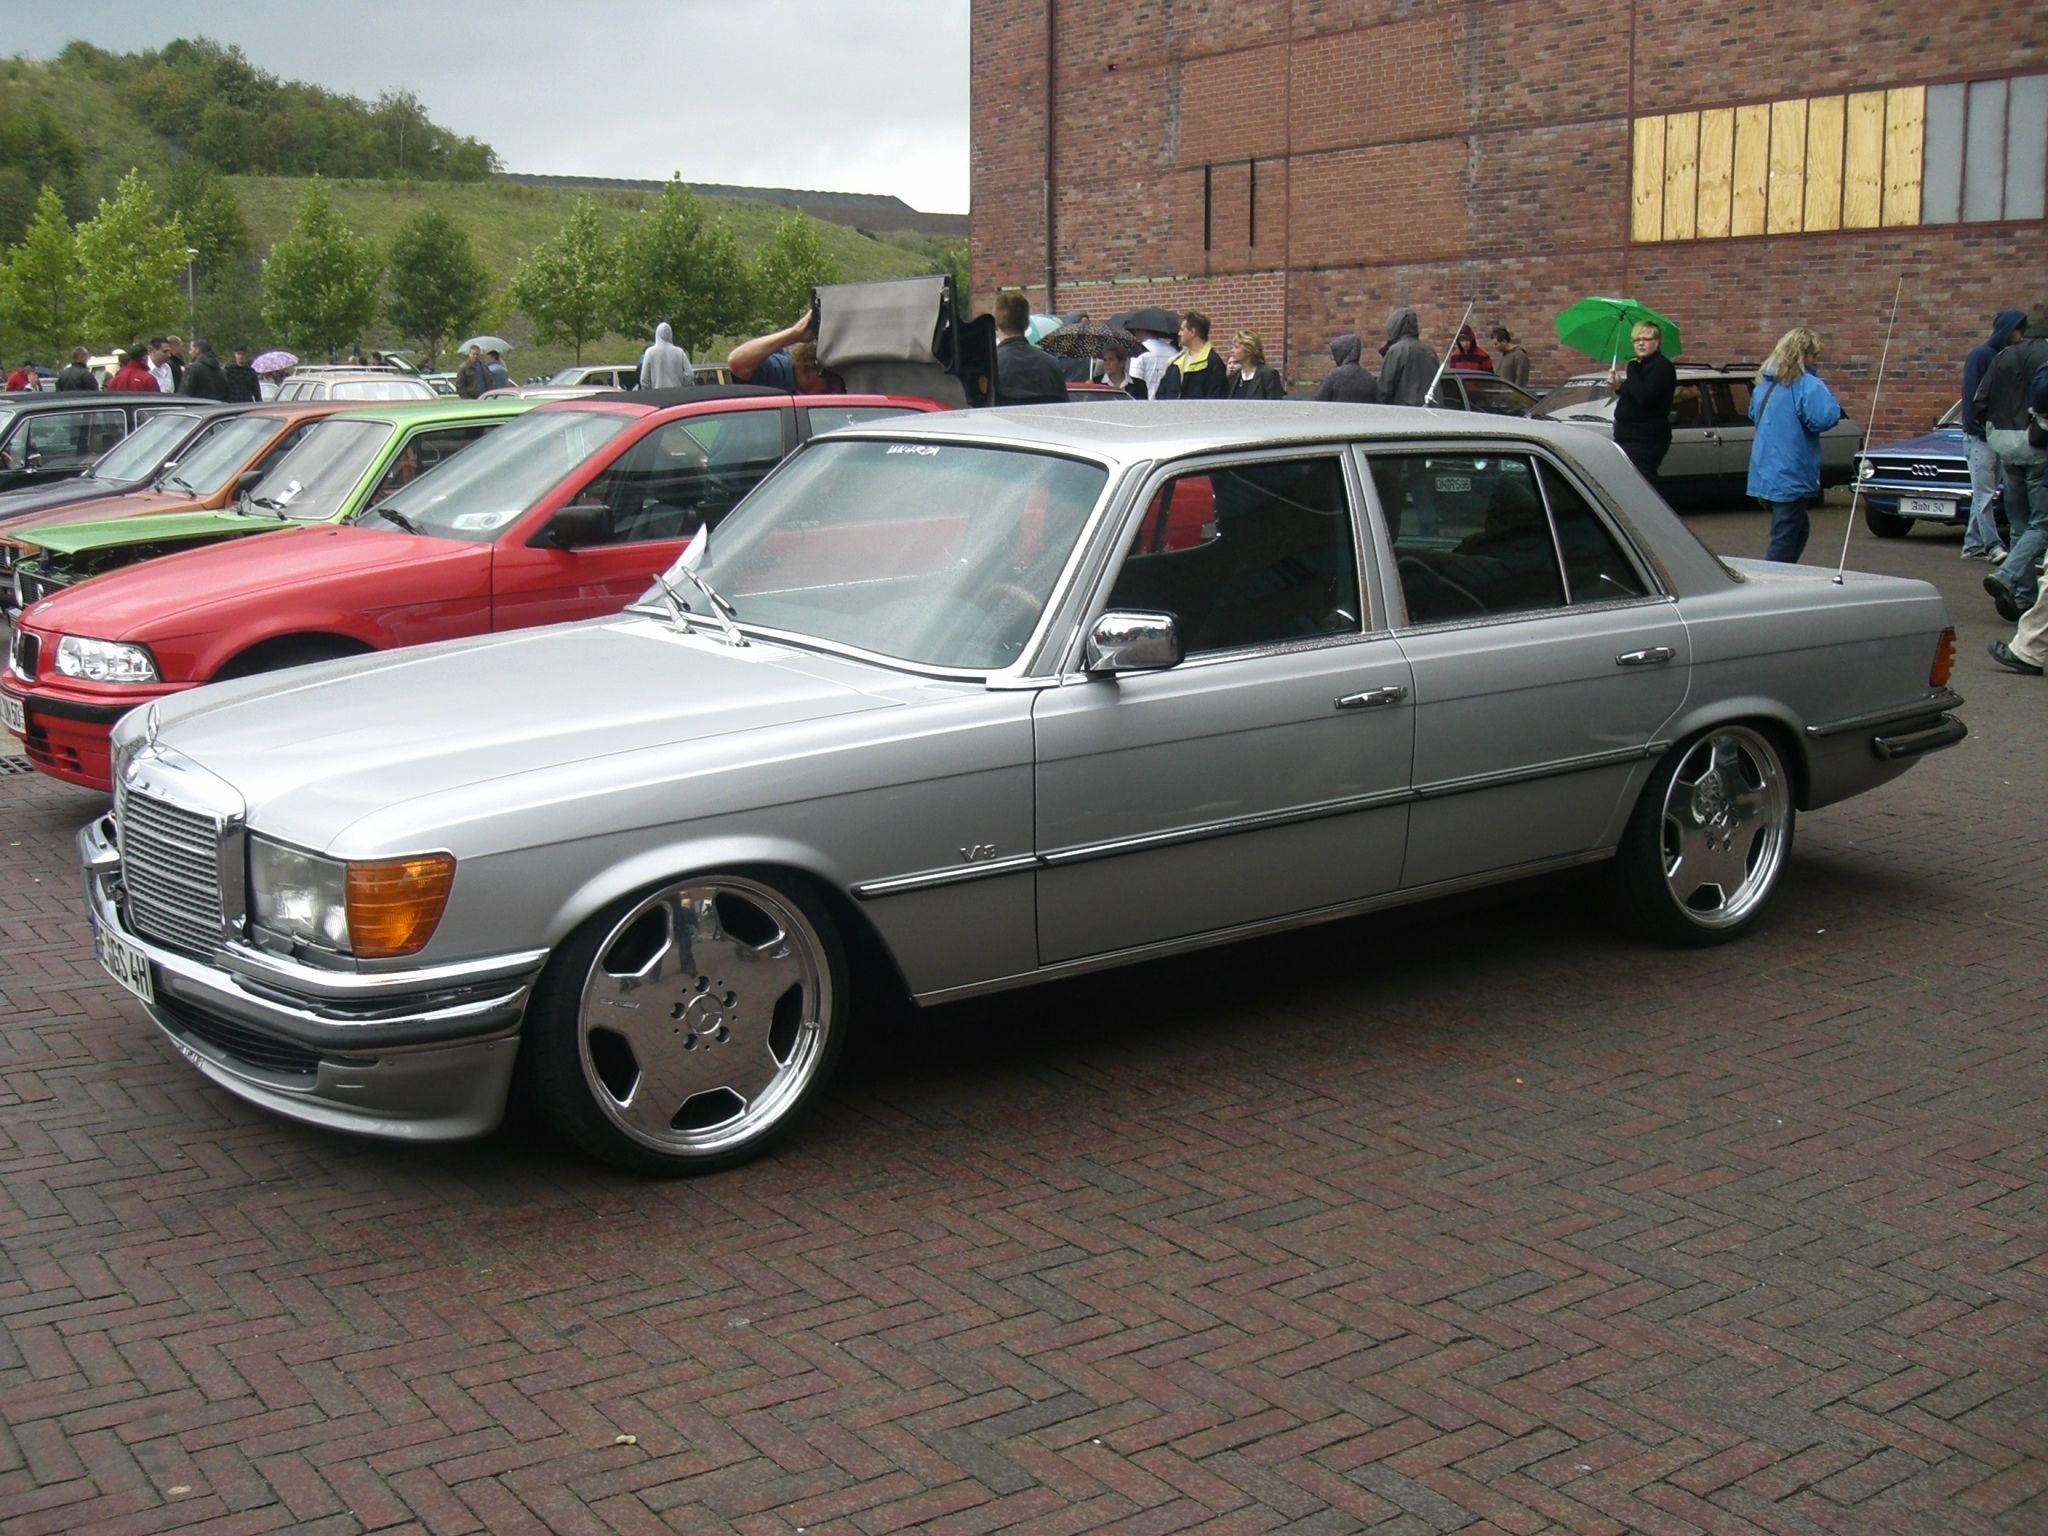 Mercedes W126 Tuning 5 Tuning W116 S Klasse Erste Klasse